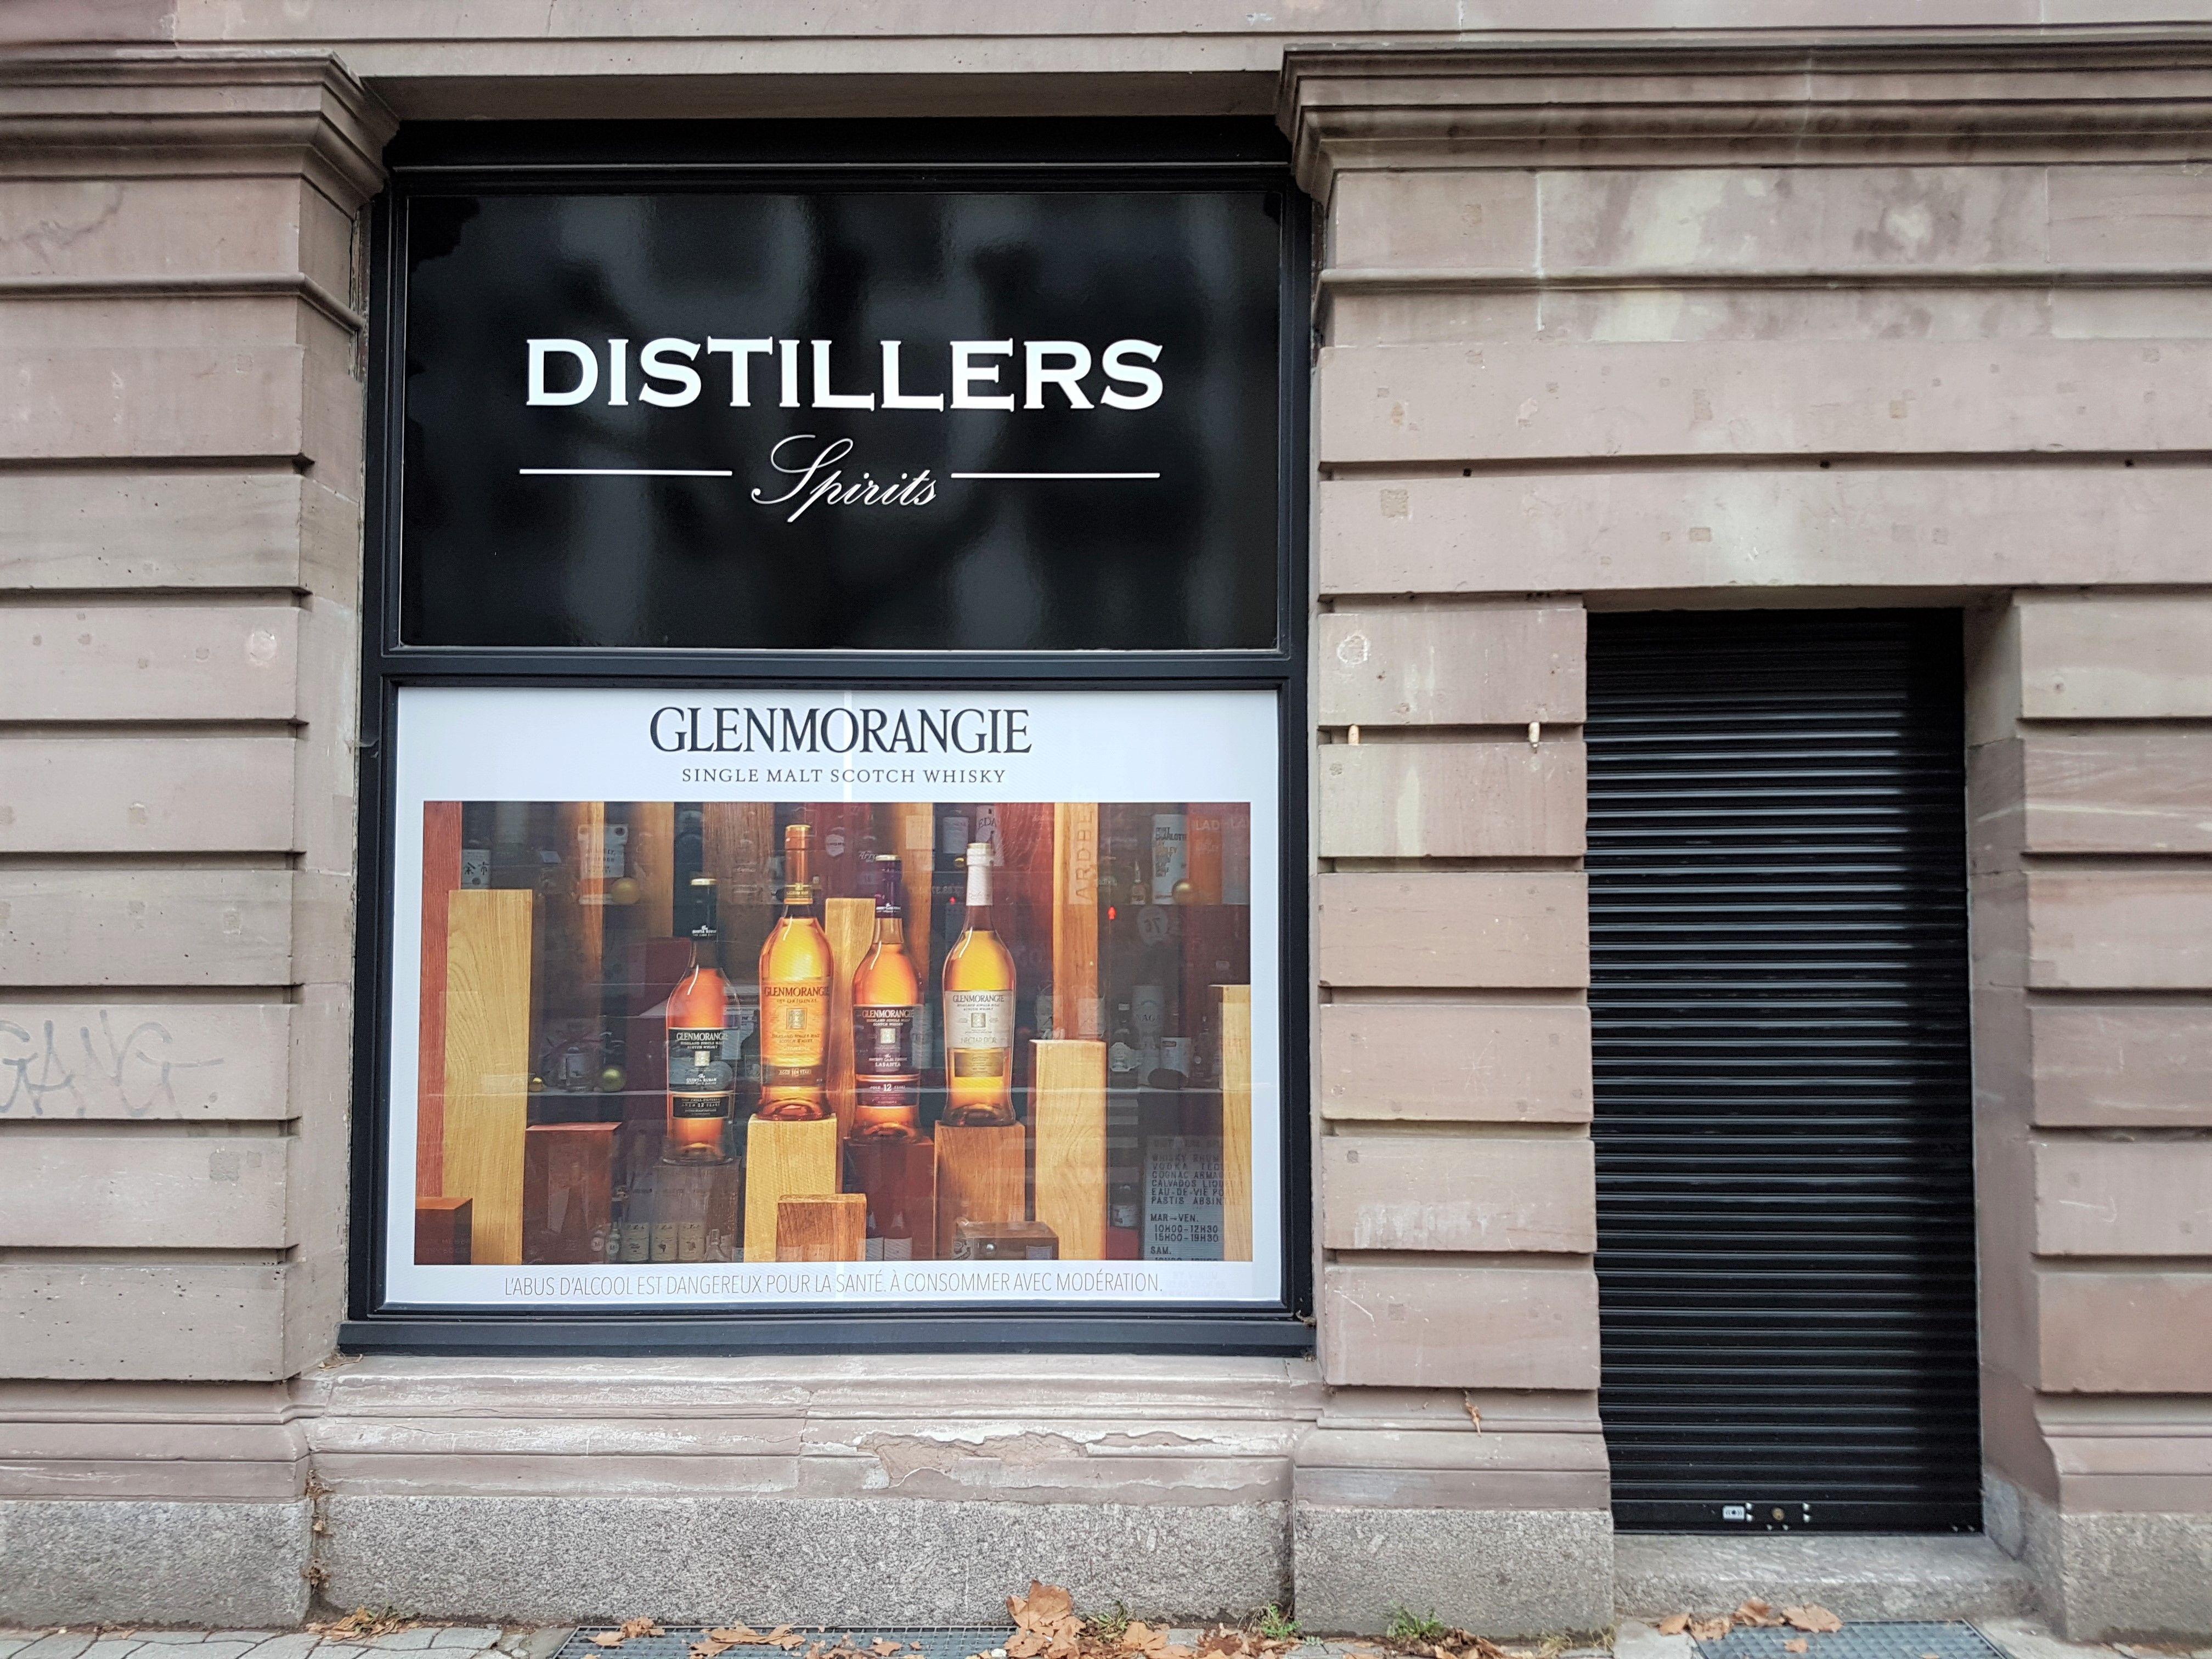 DISTILLERS SPIRITS (Strasbourg) - Strasbourg - Photo de campagne